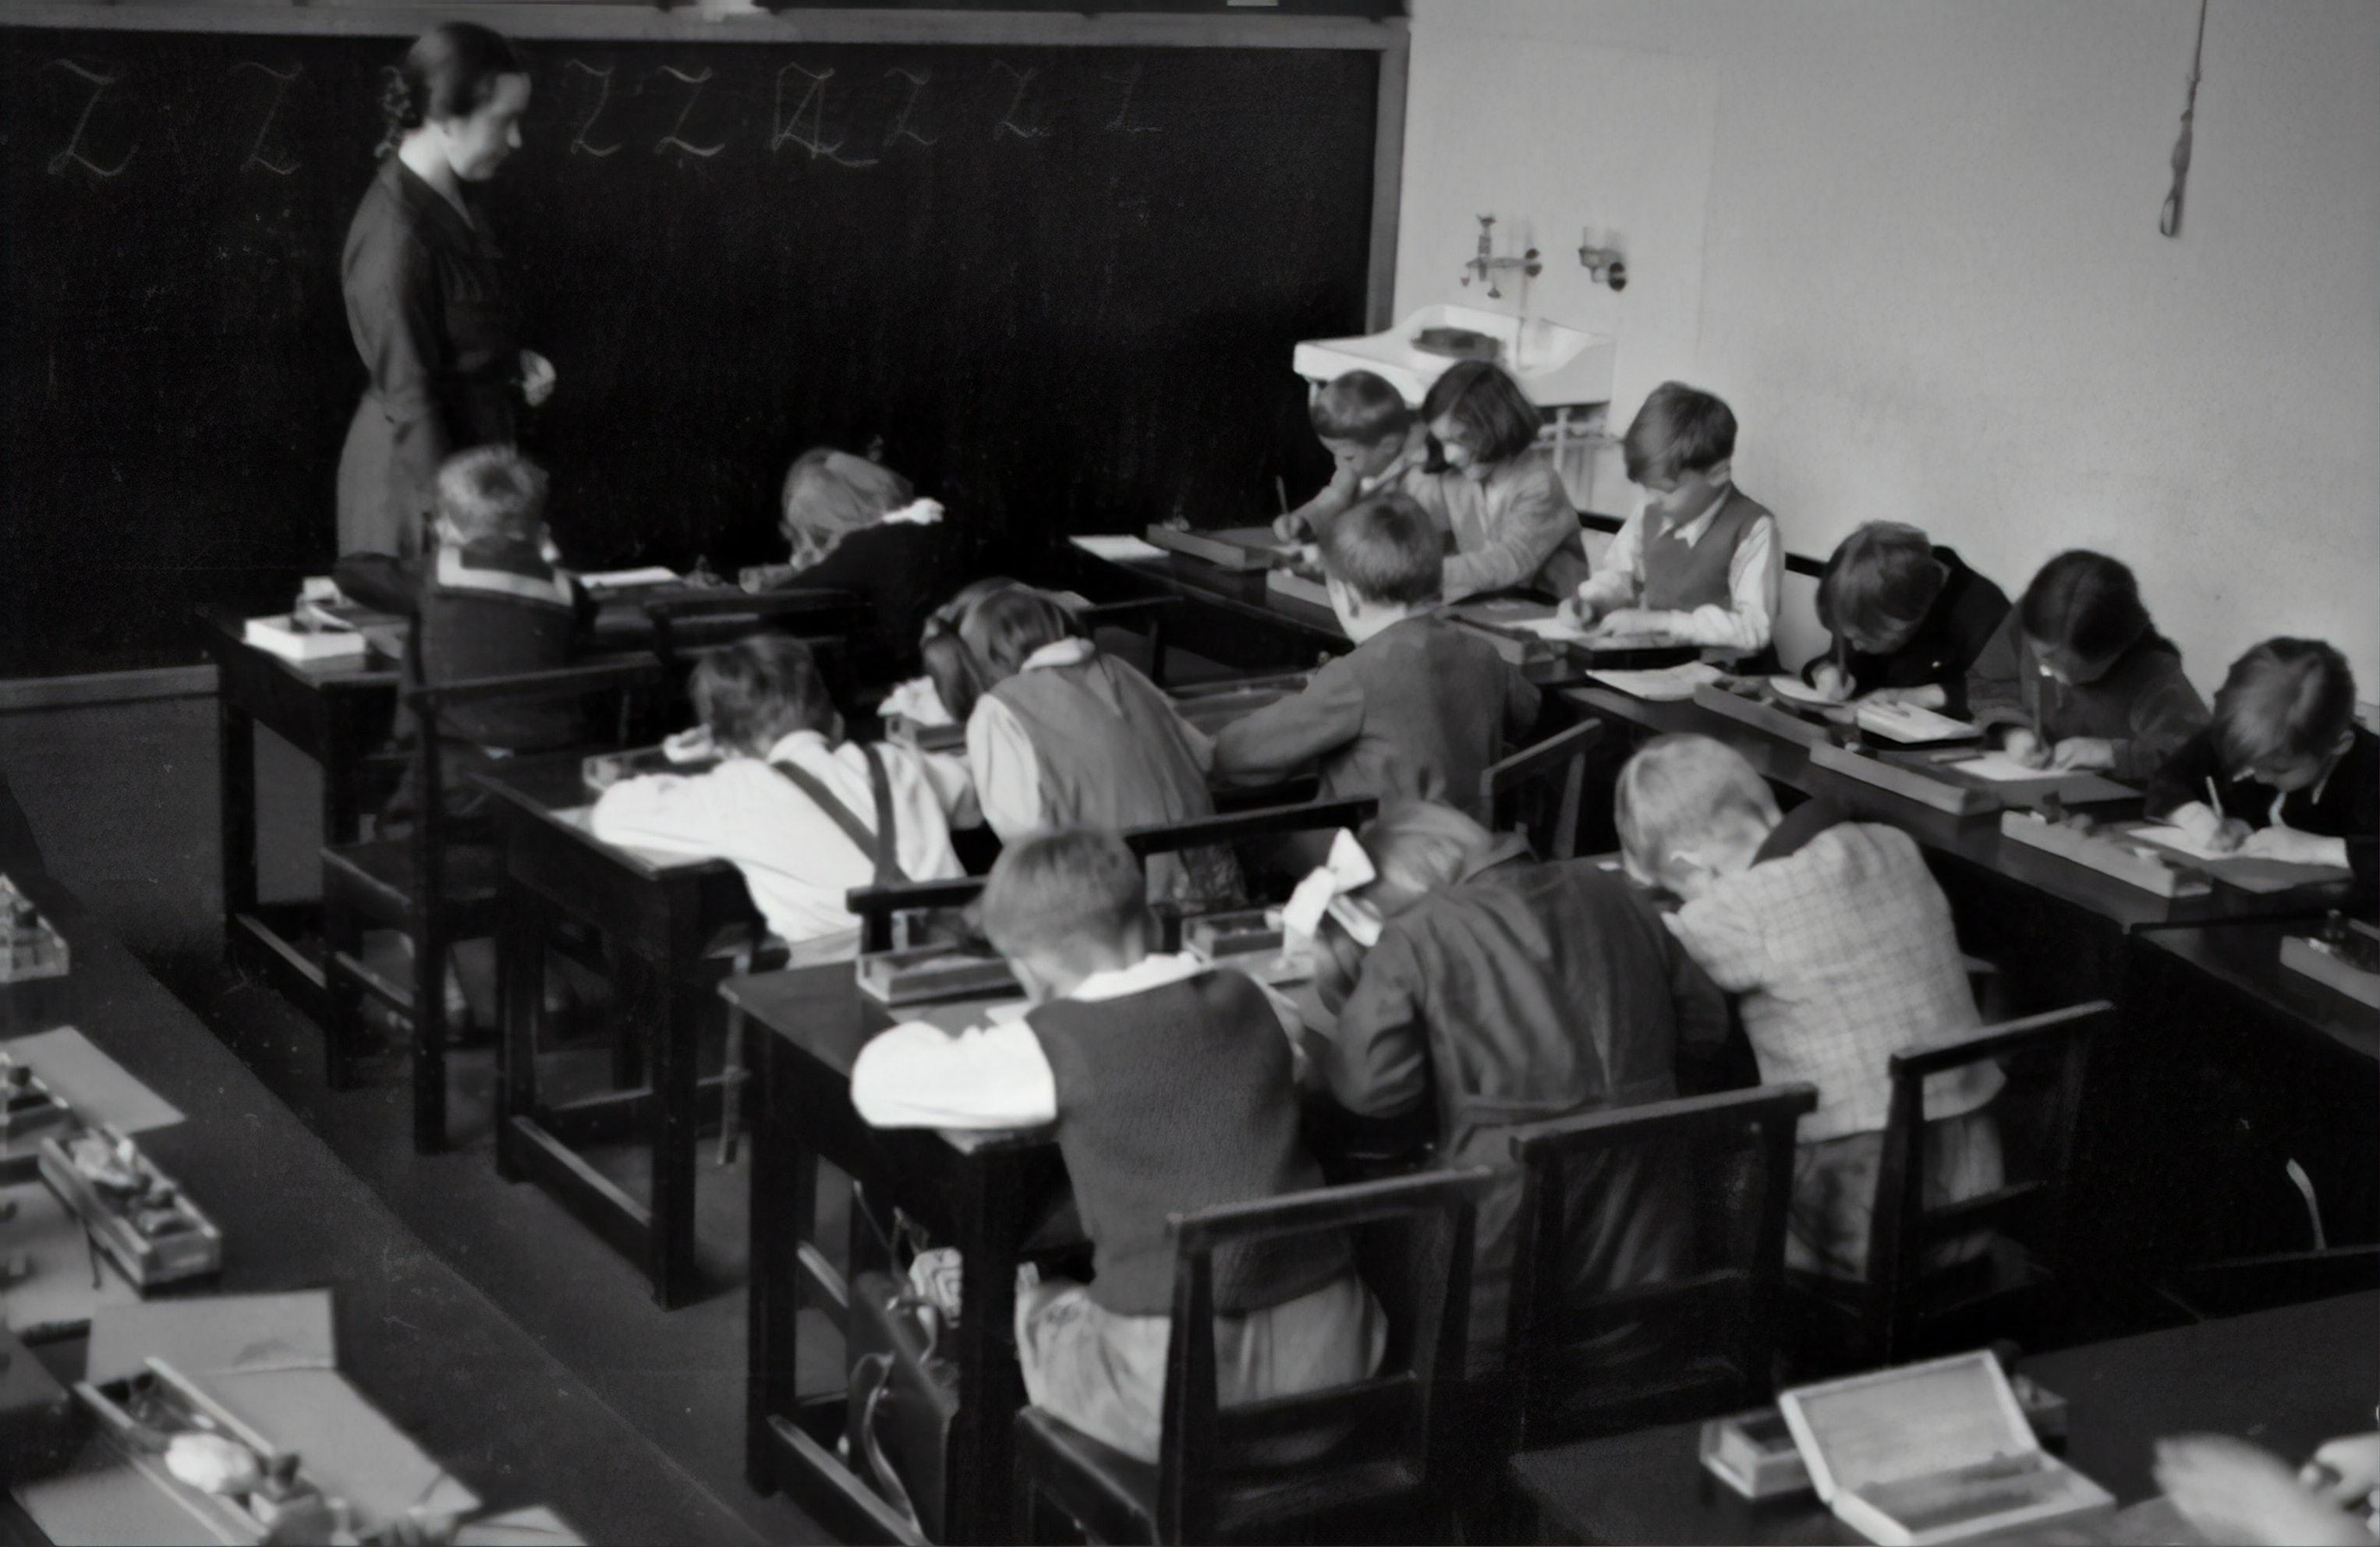 Mitos e verdades sobre a inadimplência escolar